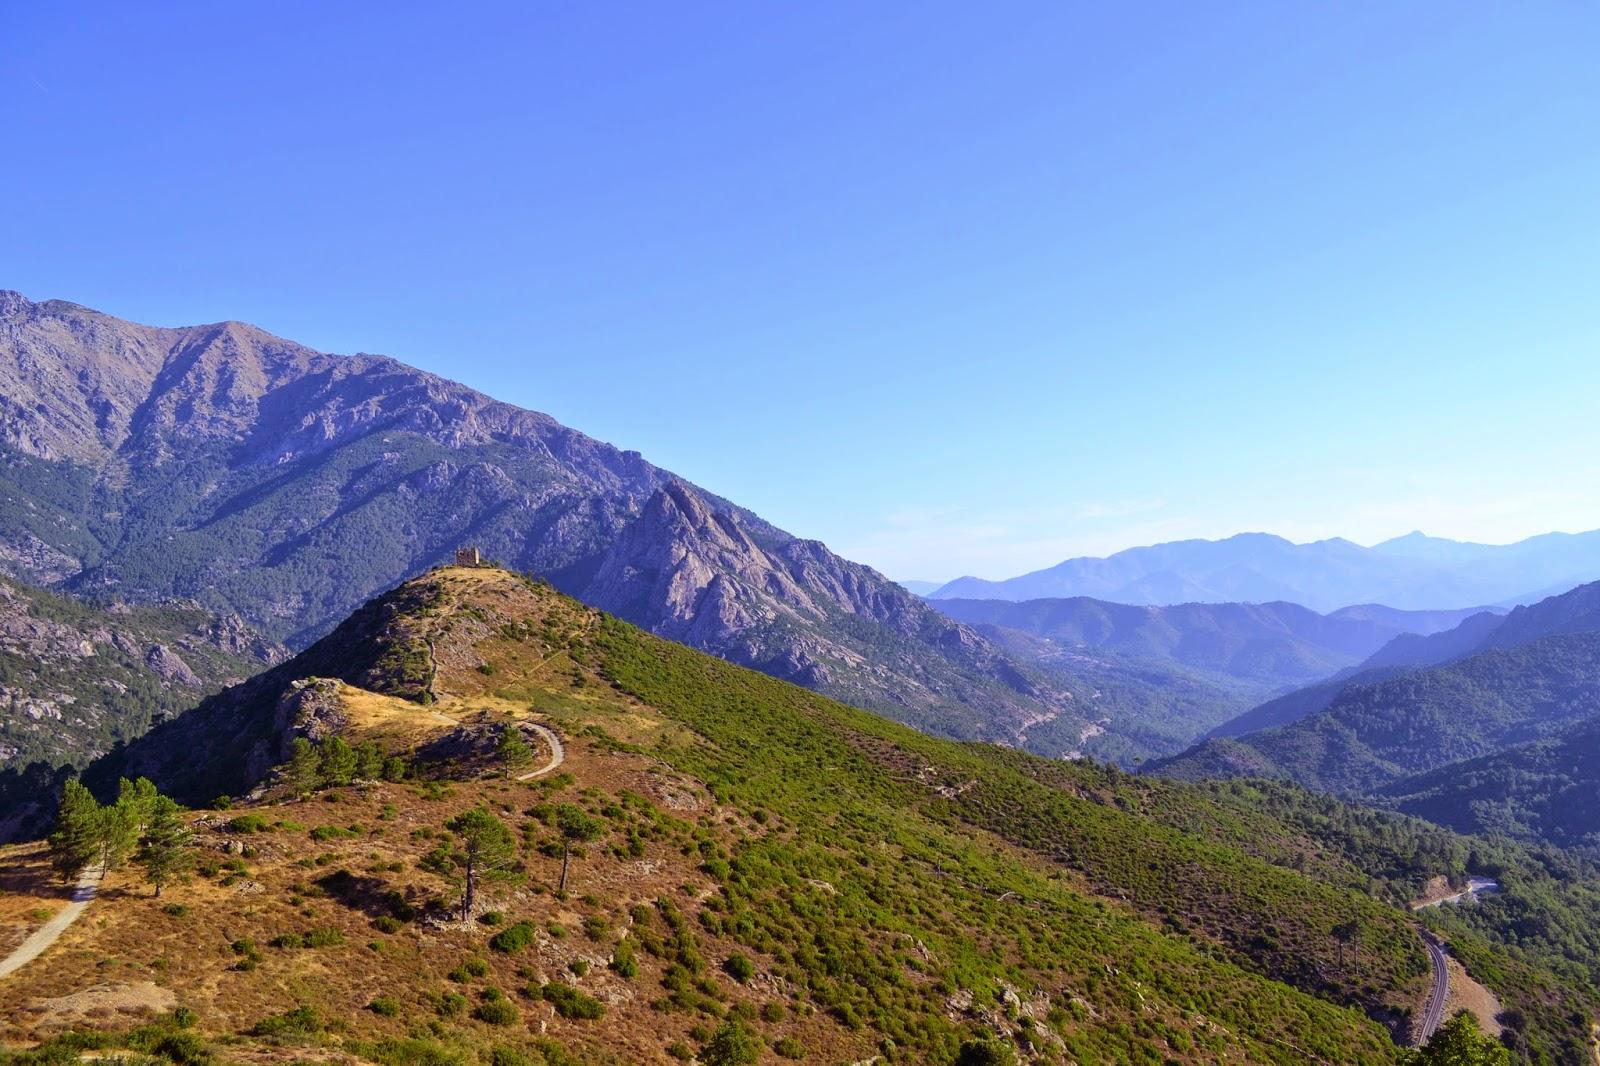 Vue dans la région de Venaco